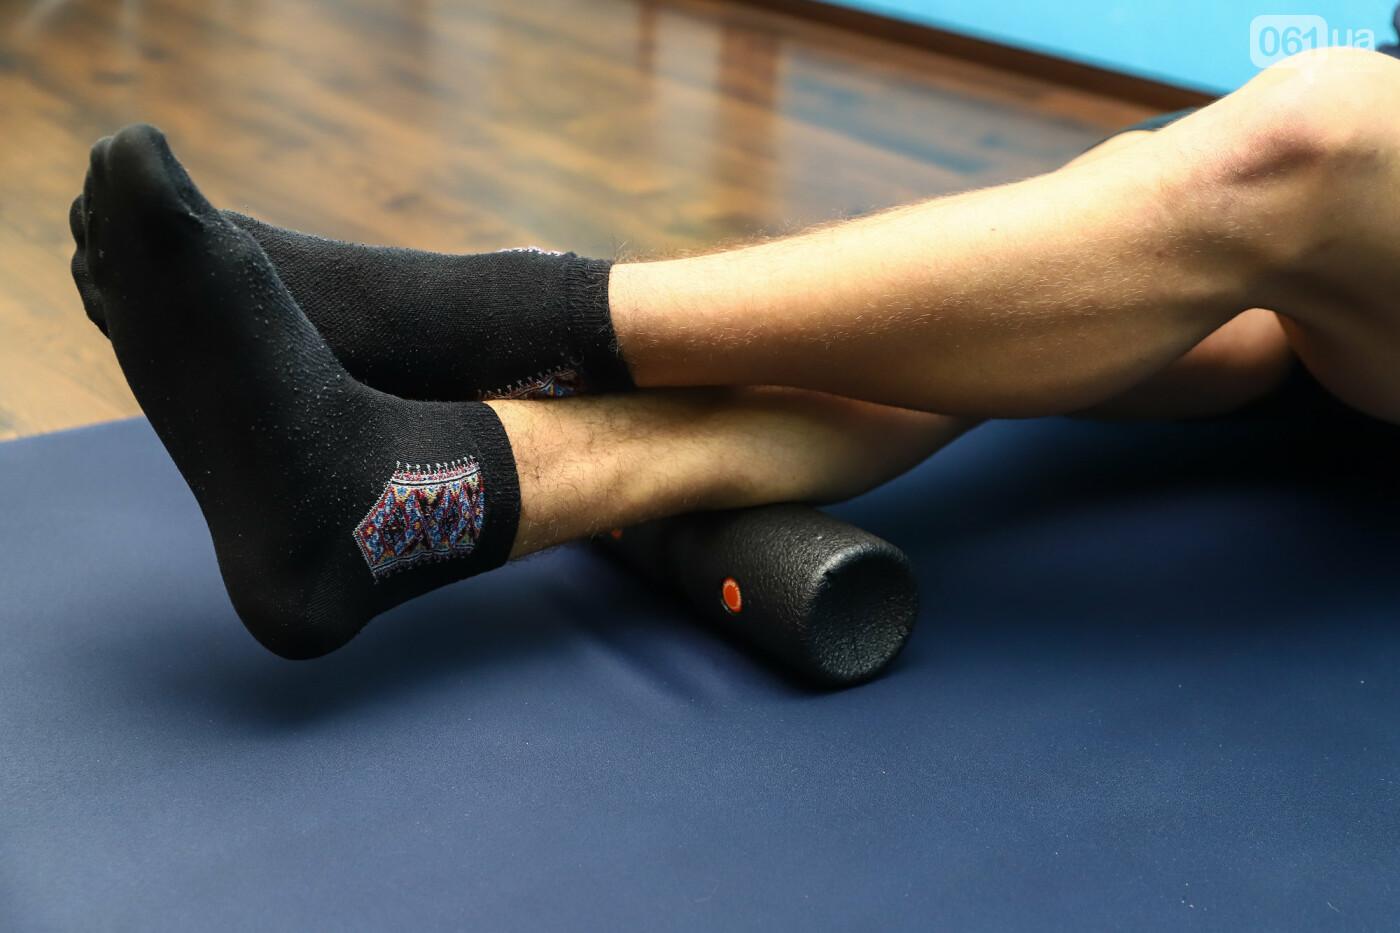 3D-исследование и уникальные тренажеры: как в запорожской клинике OrtoSano лечат болезни позвоночника и суставов, фото-15